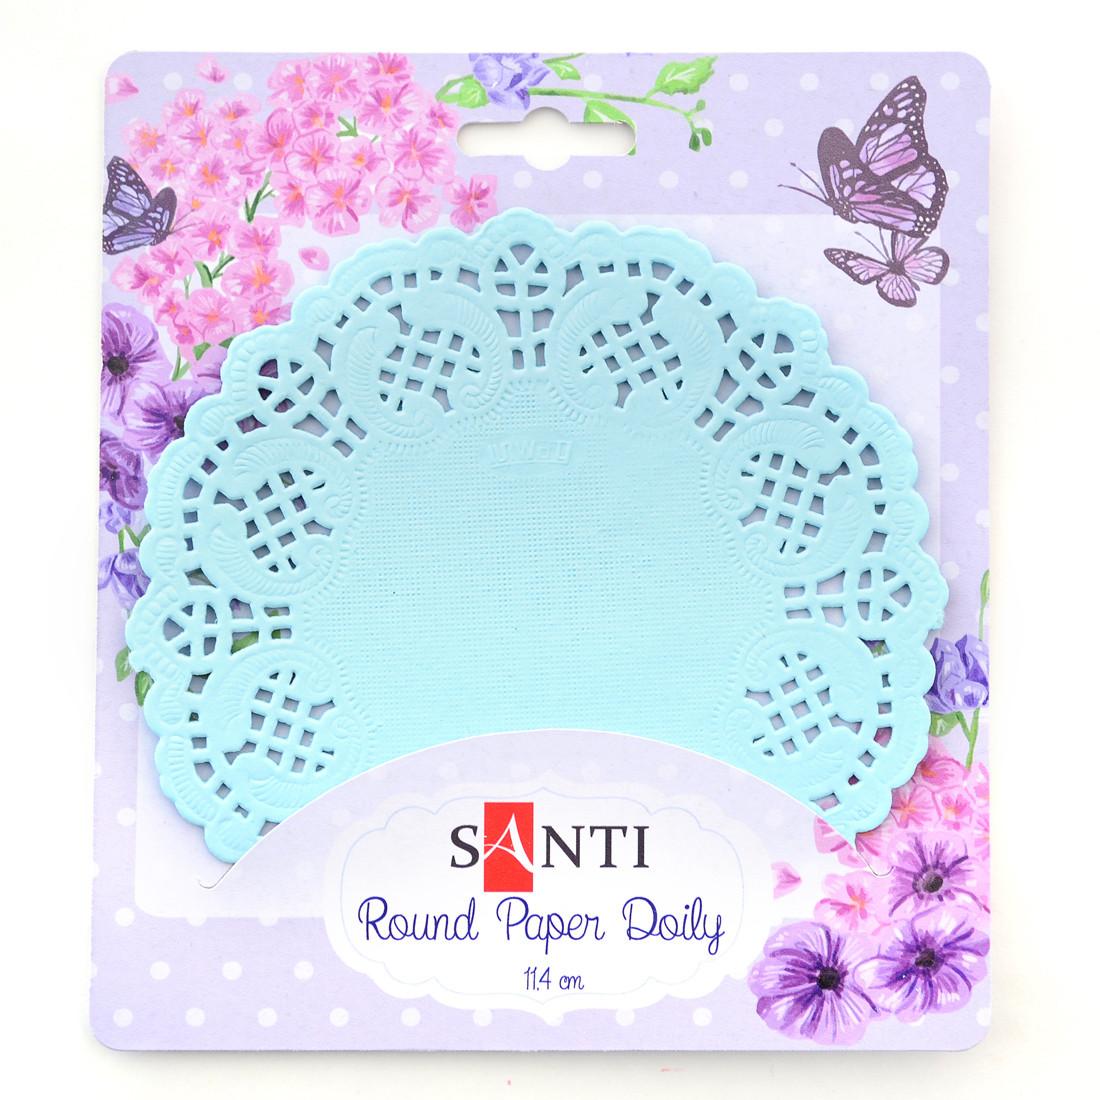 Набор салфеток ажурных круглых, цвет светло-голубой, диаметр 11,4 см, 12 шт.